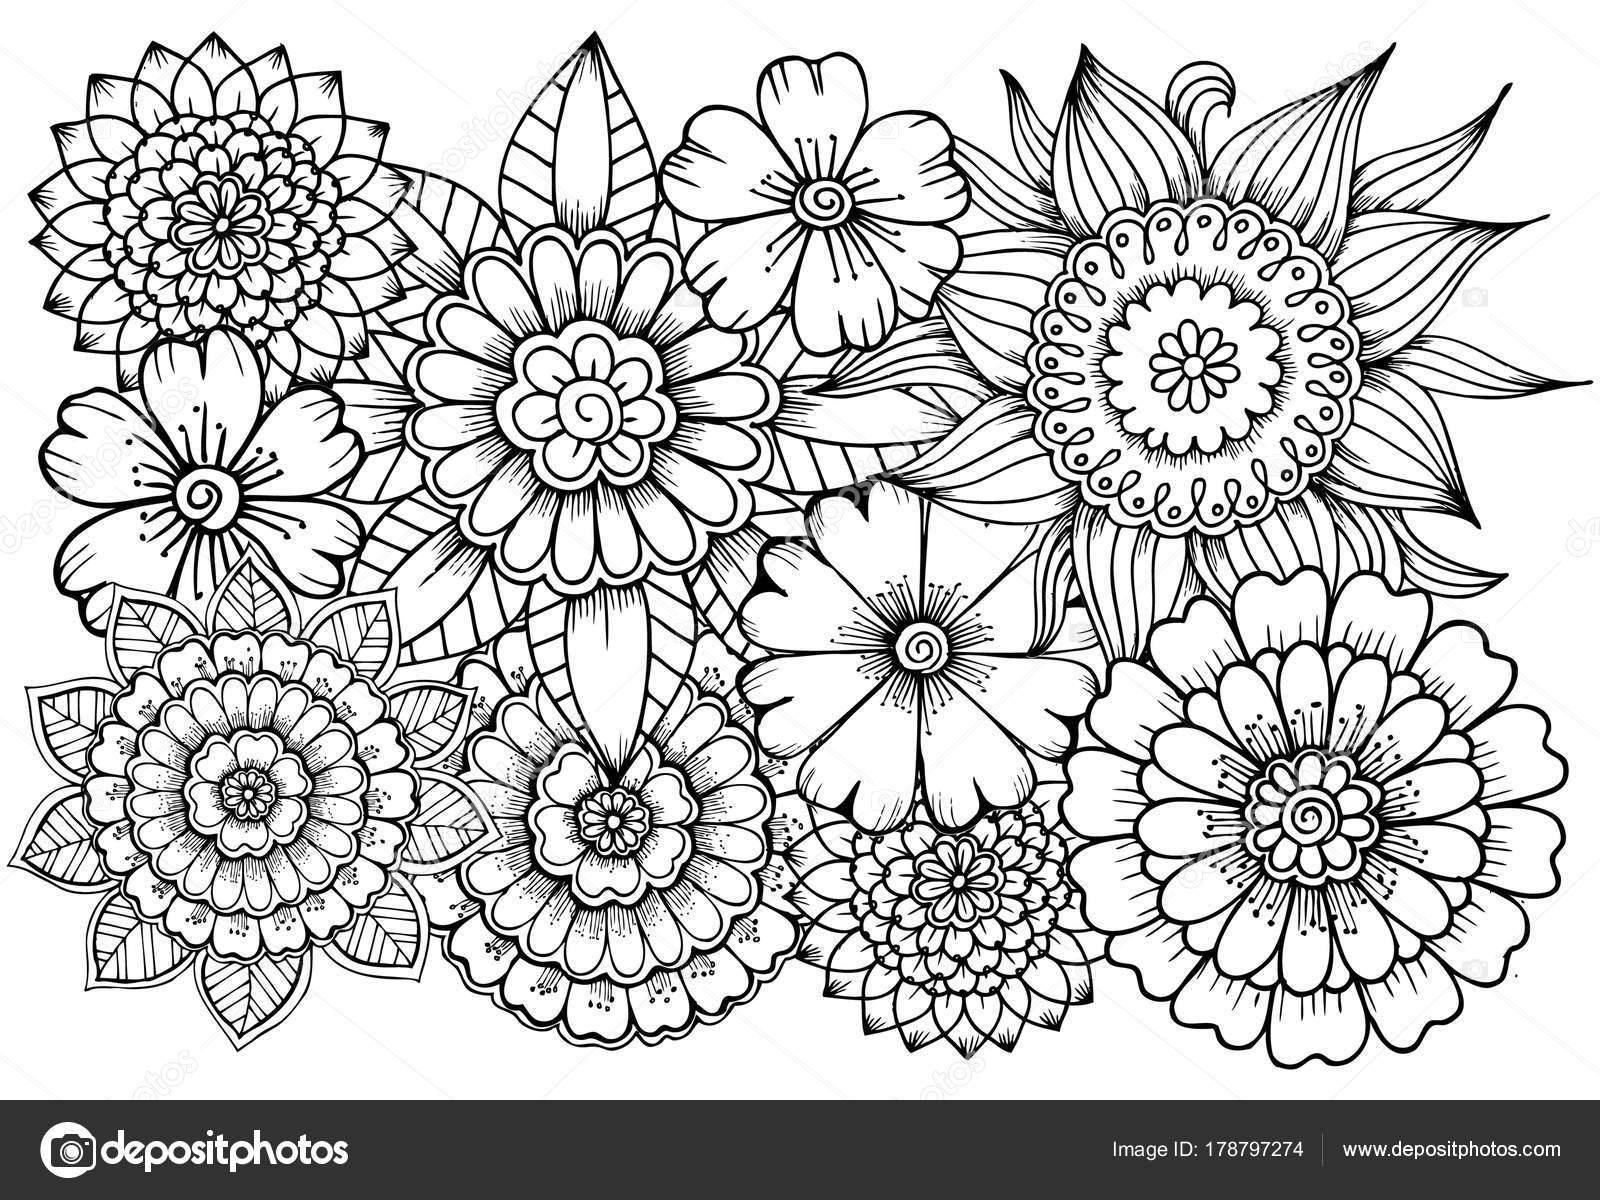 大人の塗り絵の白と黒の花模様u をすることができます ストック